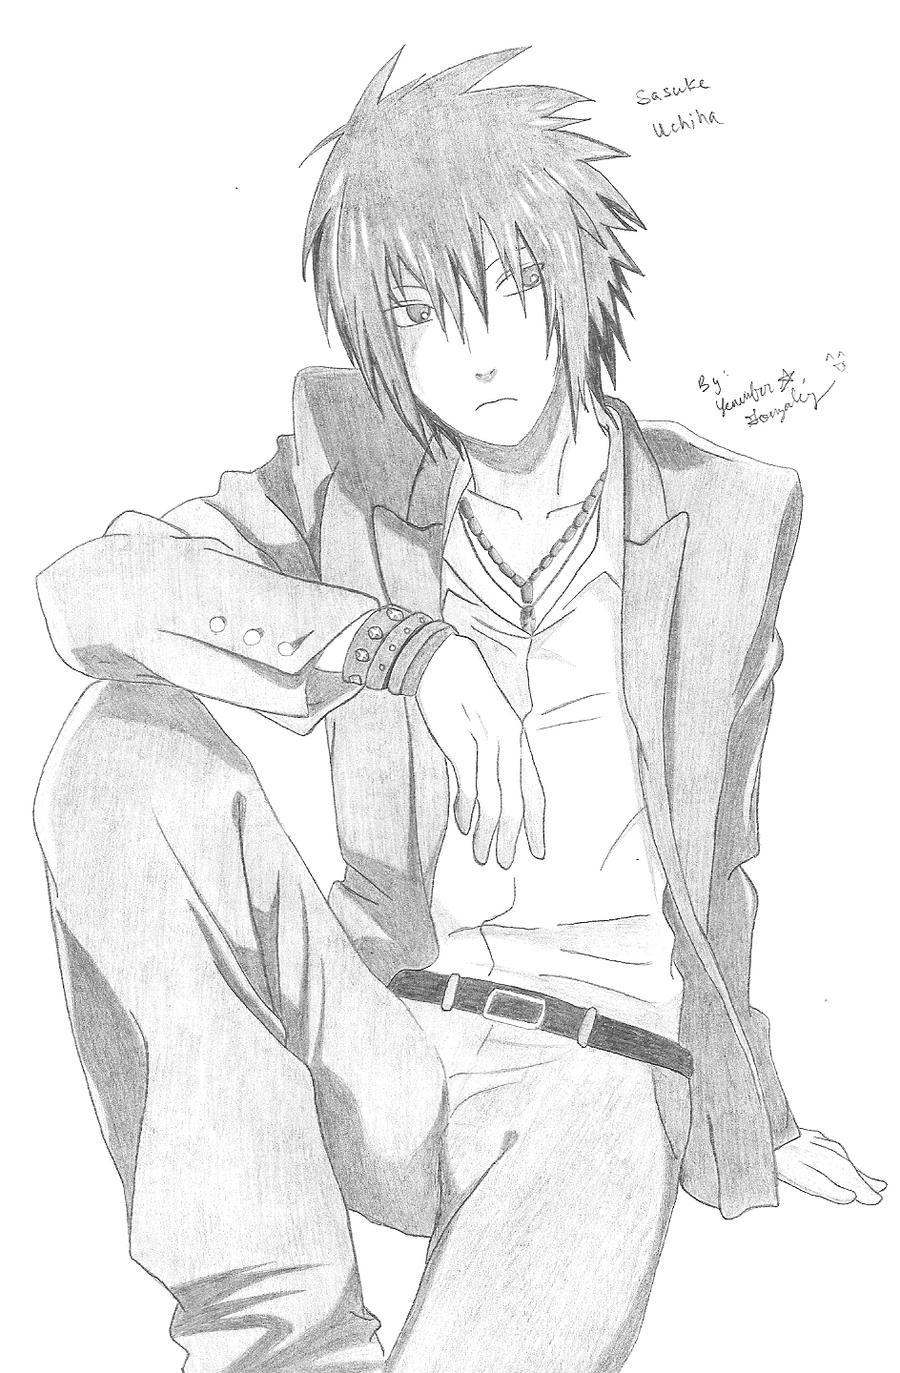 Sasuke Uchiha by TwinTsukuyomi